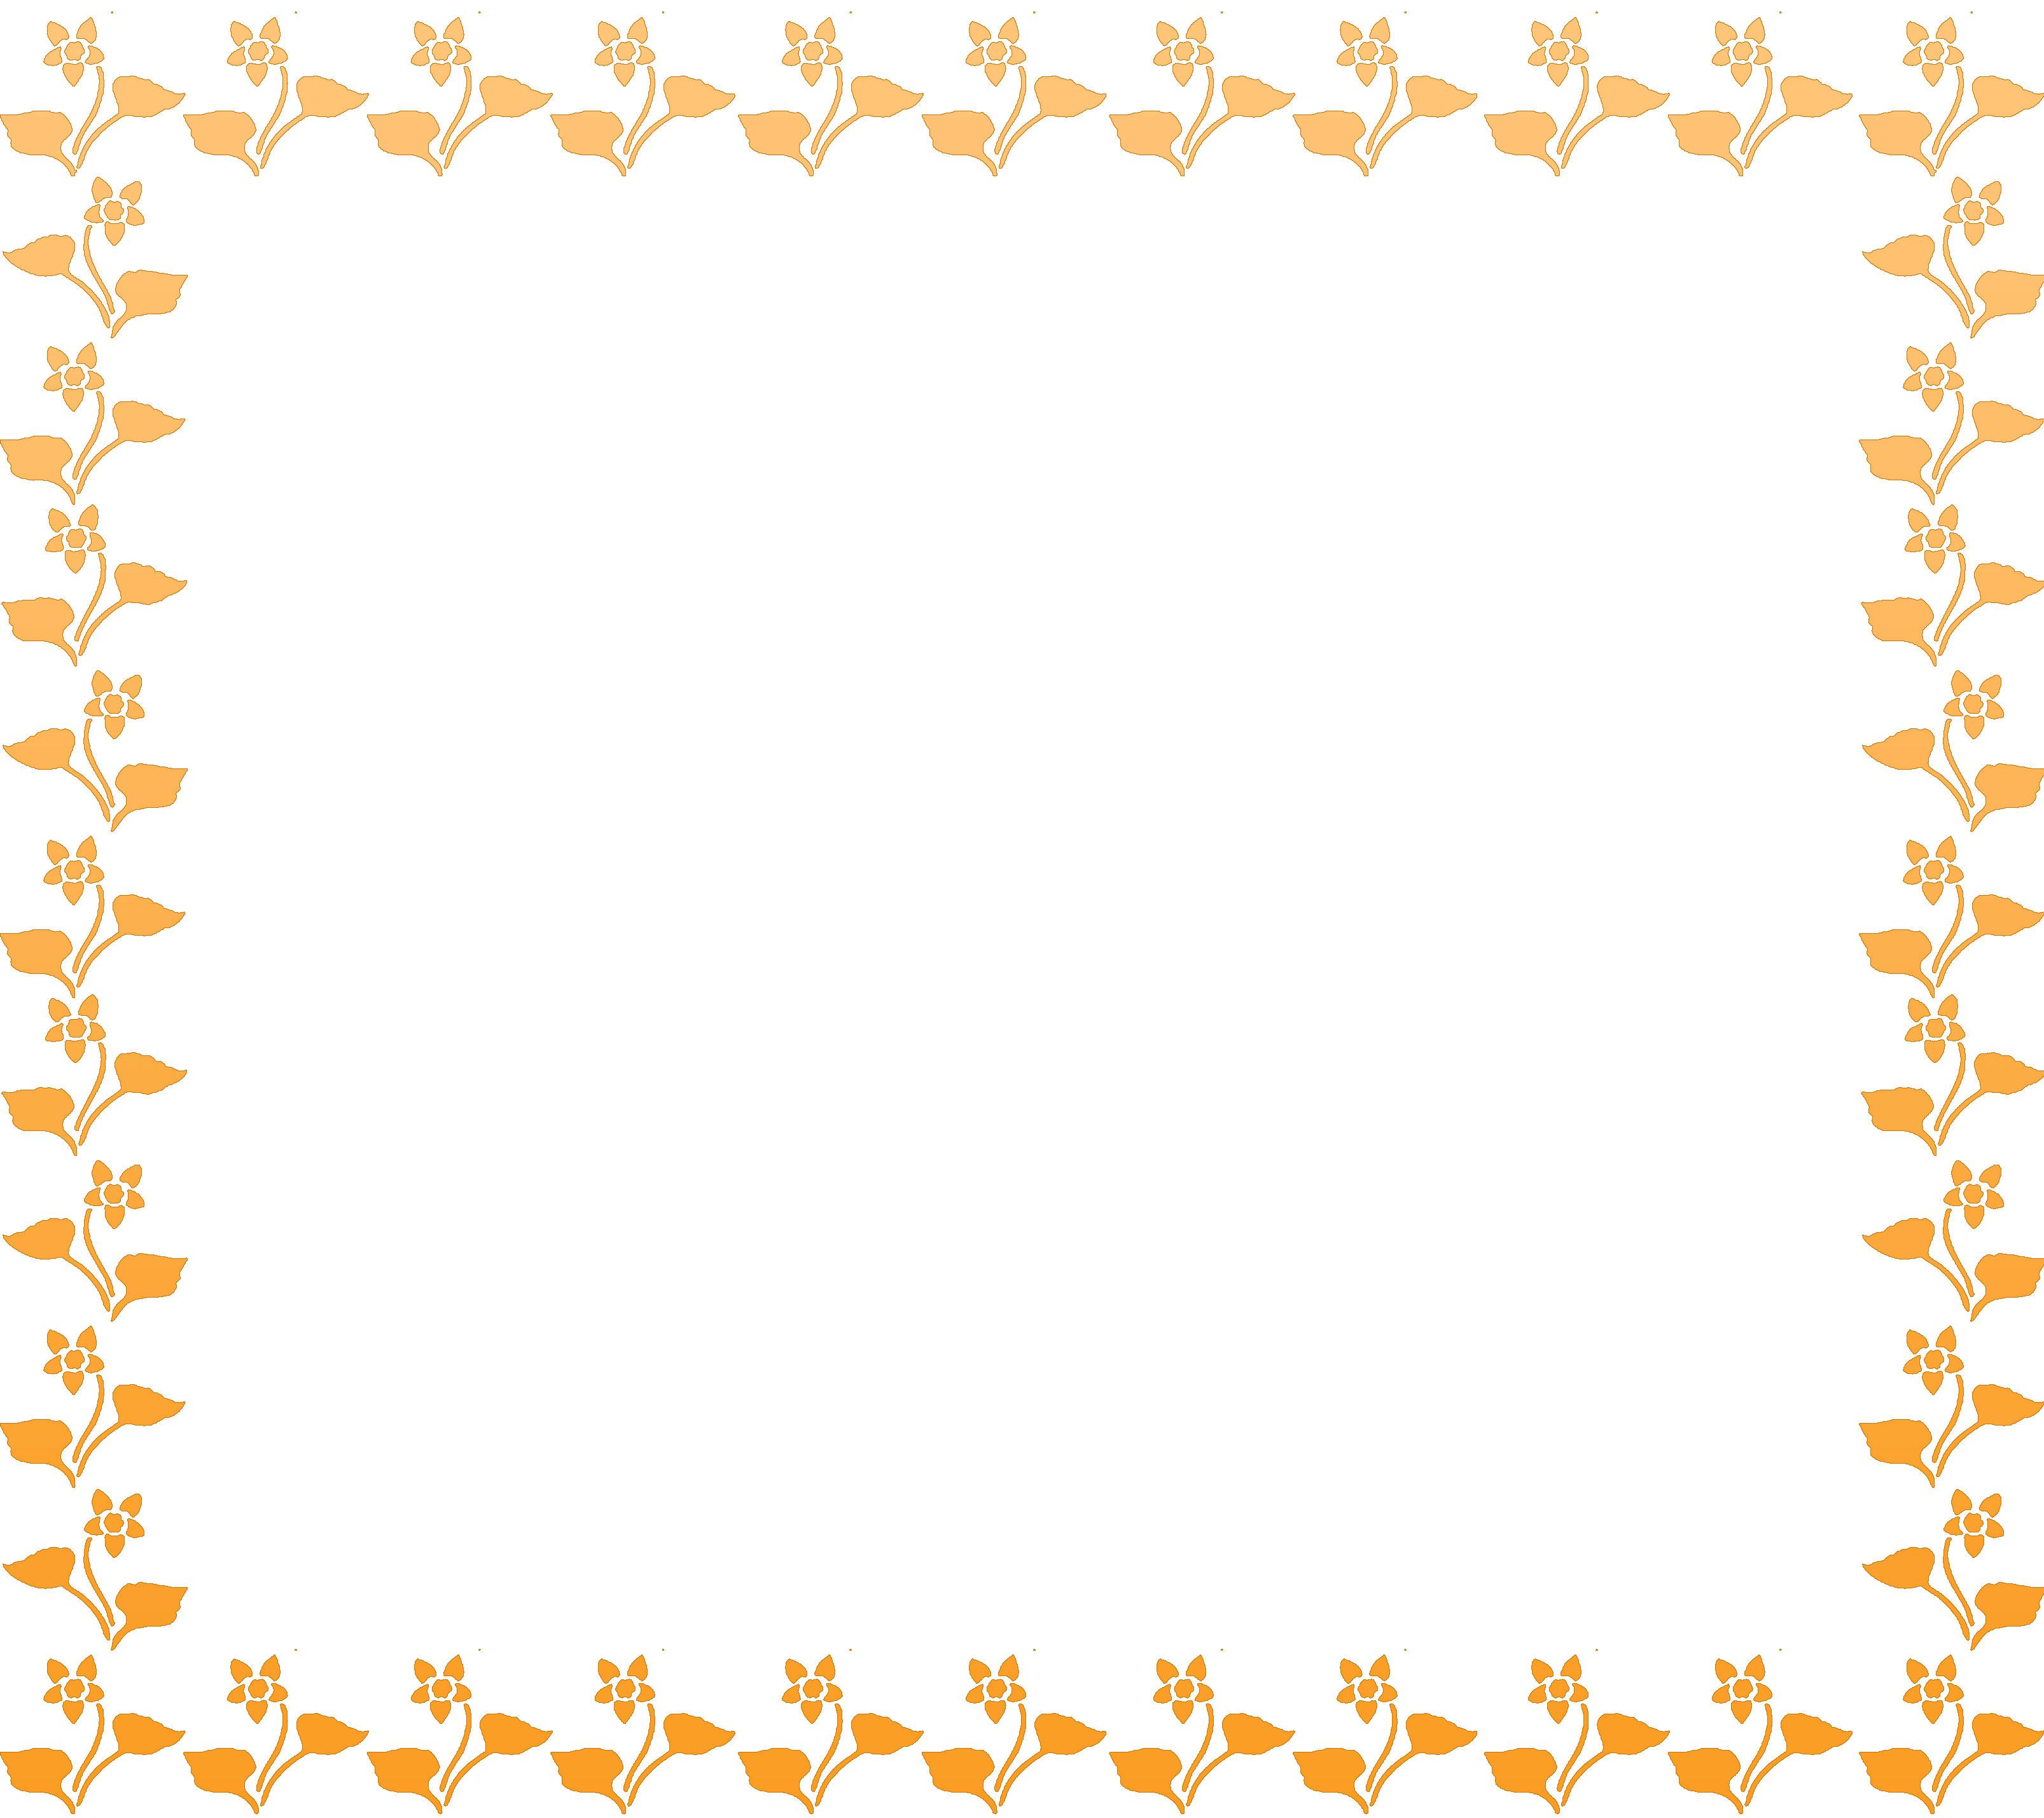 寄せ書きデザイン フレーム枠素材黄色い花のイラスト